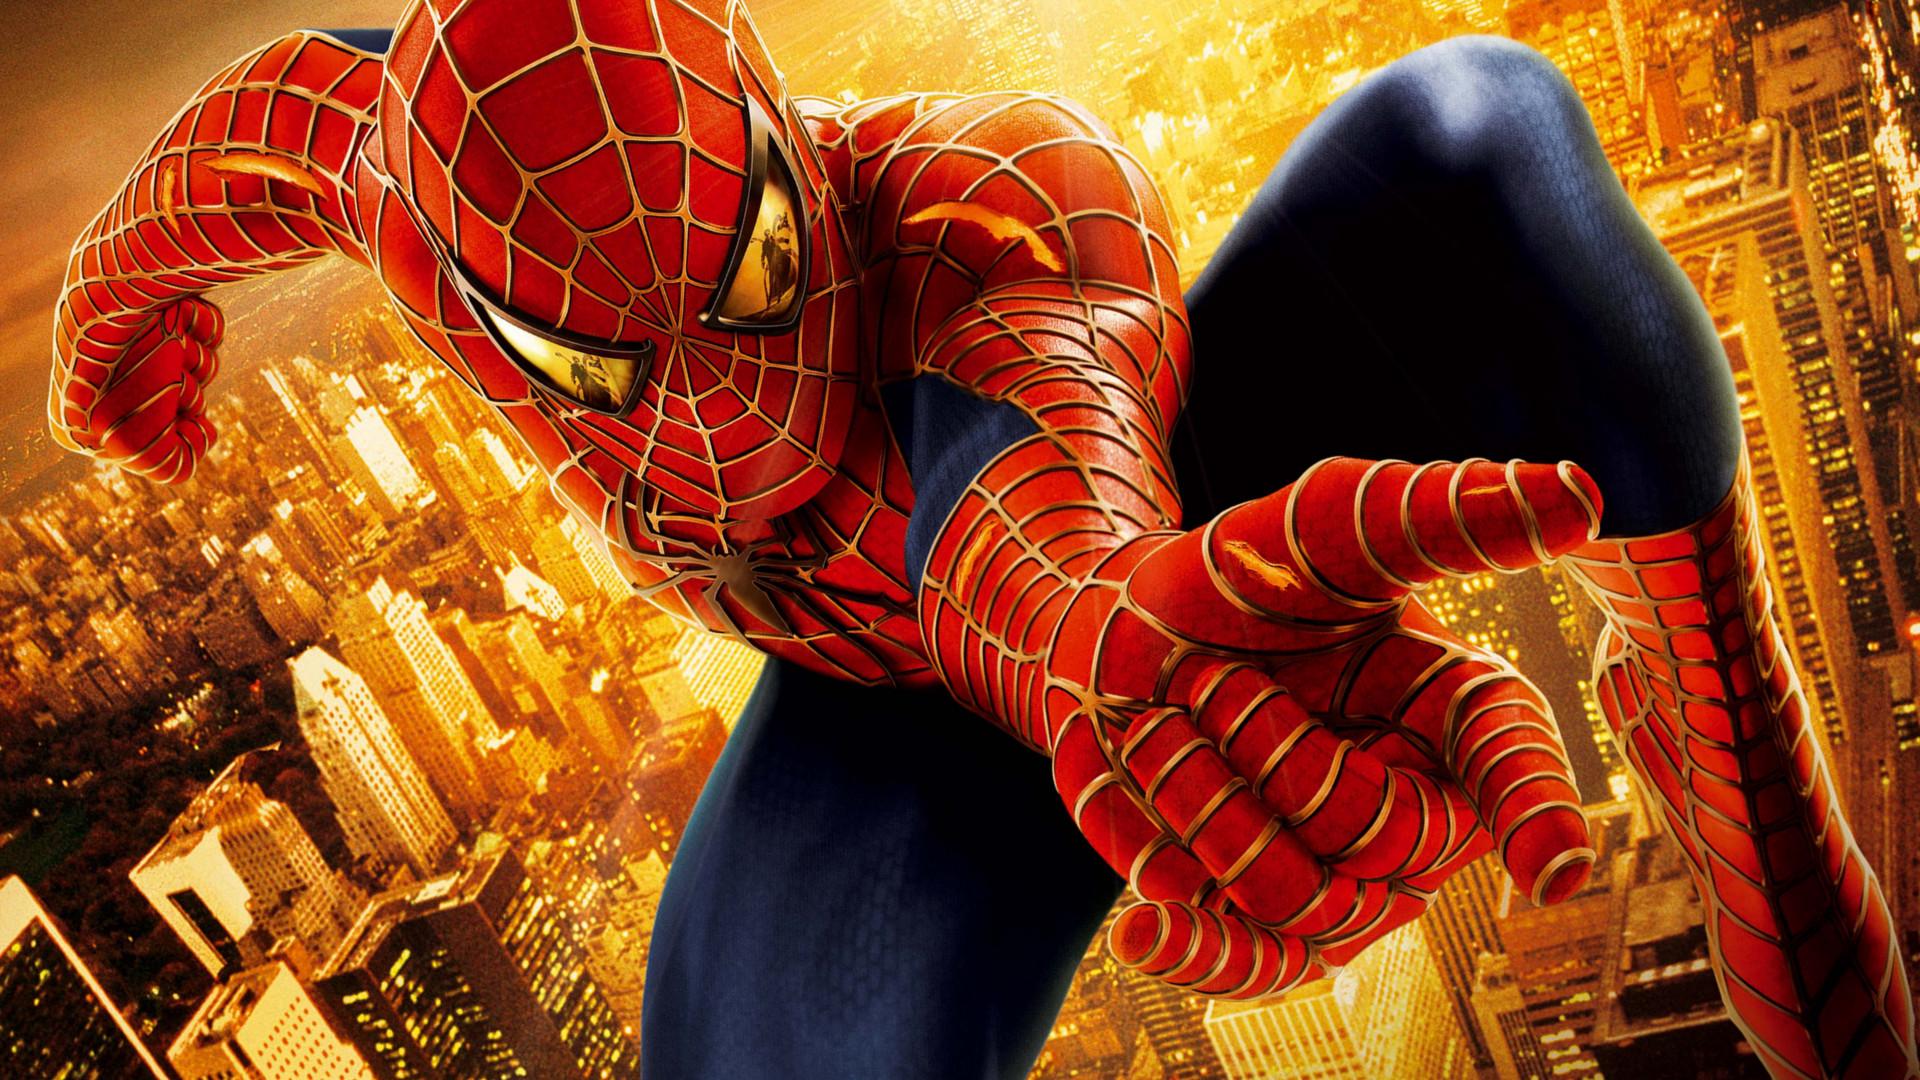 Spider man 2 movie fanart - Images de spiderman ...